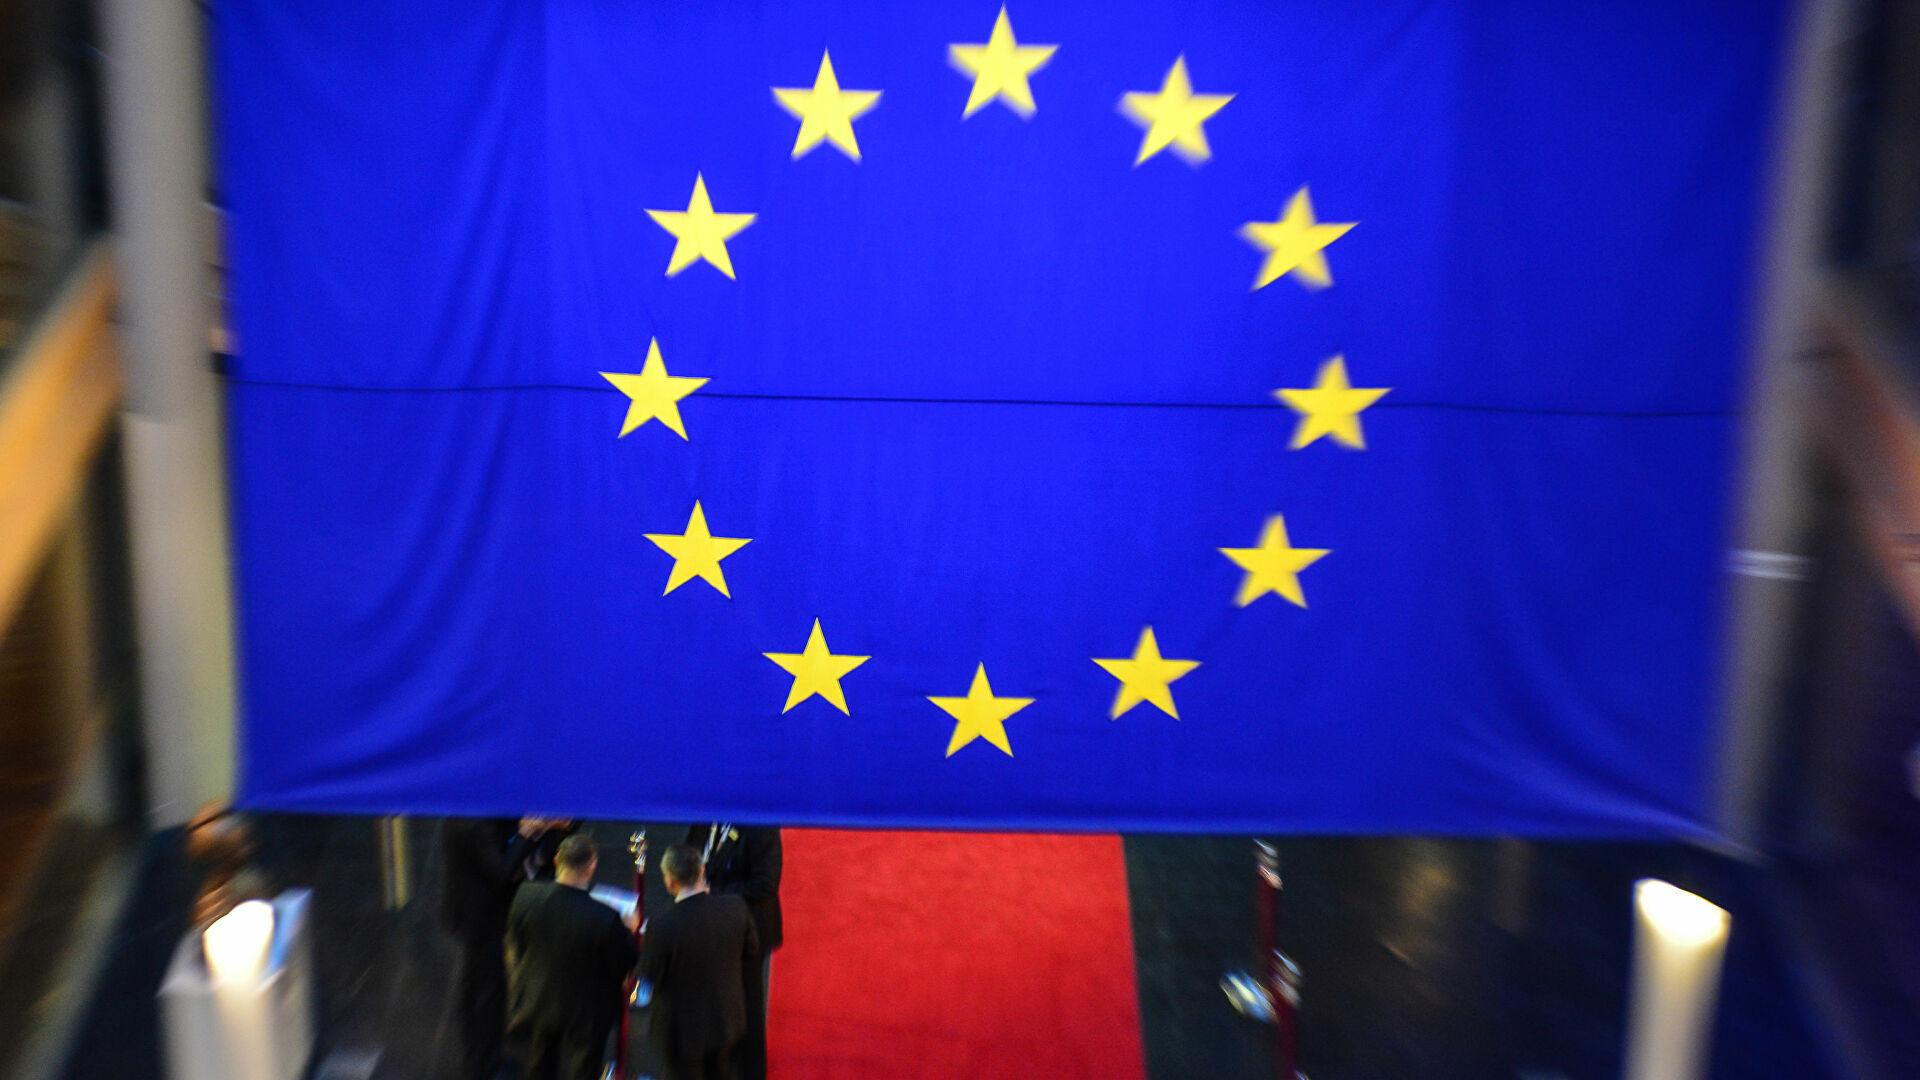 """Литванија, Пољска и Румунија позивају ЕУ да припреми """"пакет подршке"""" за Белорусију"""